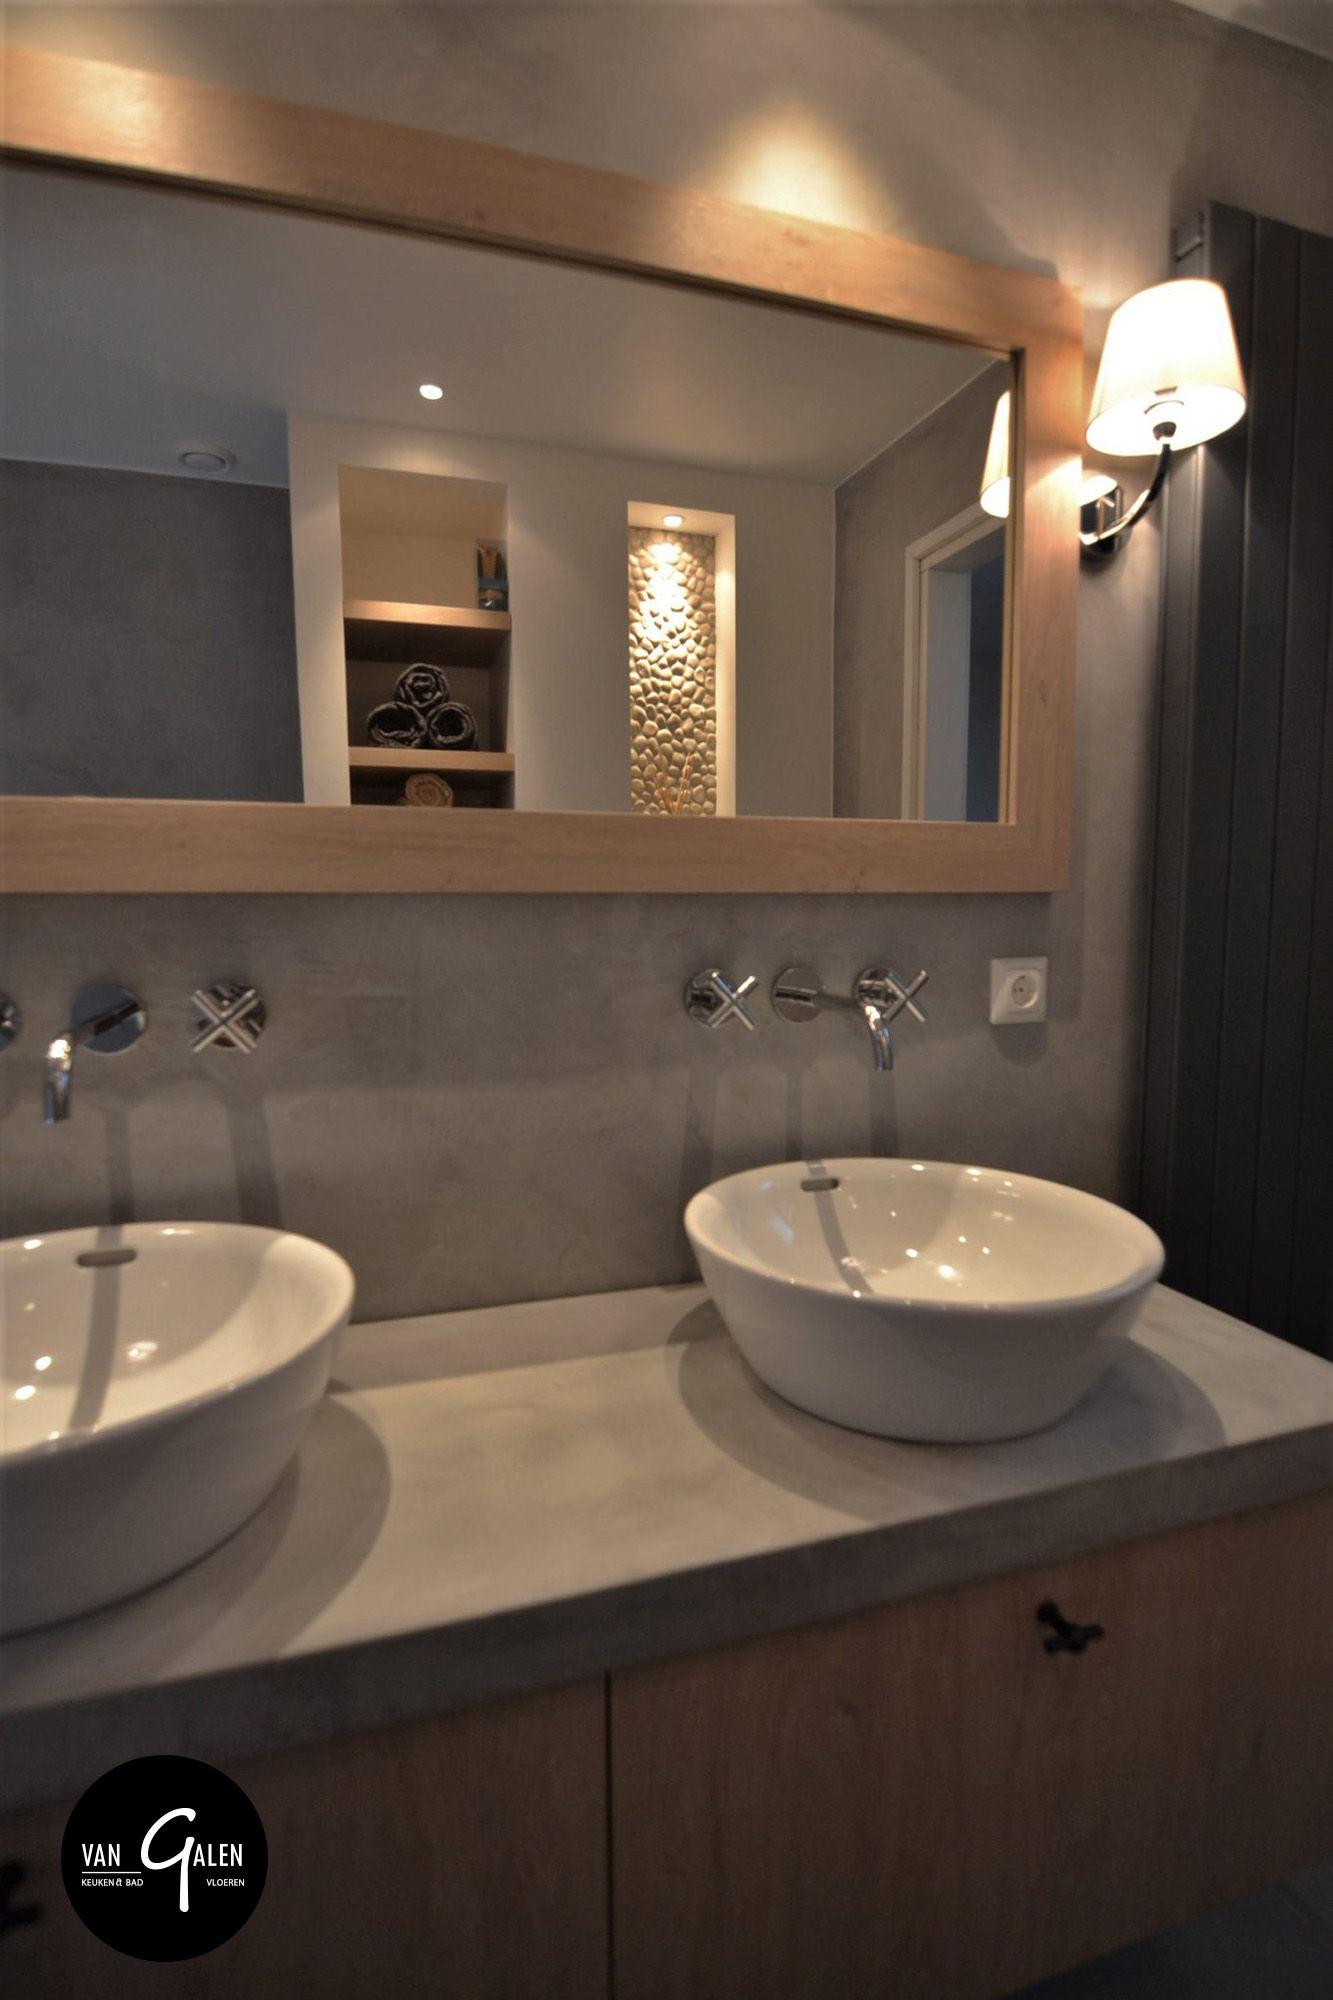 Landelijke maatwerk badkamer met natuurlijke materialen. Maatwerk ...